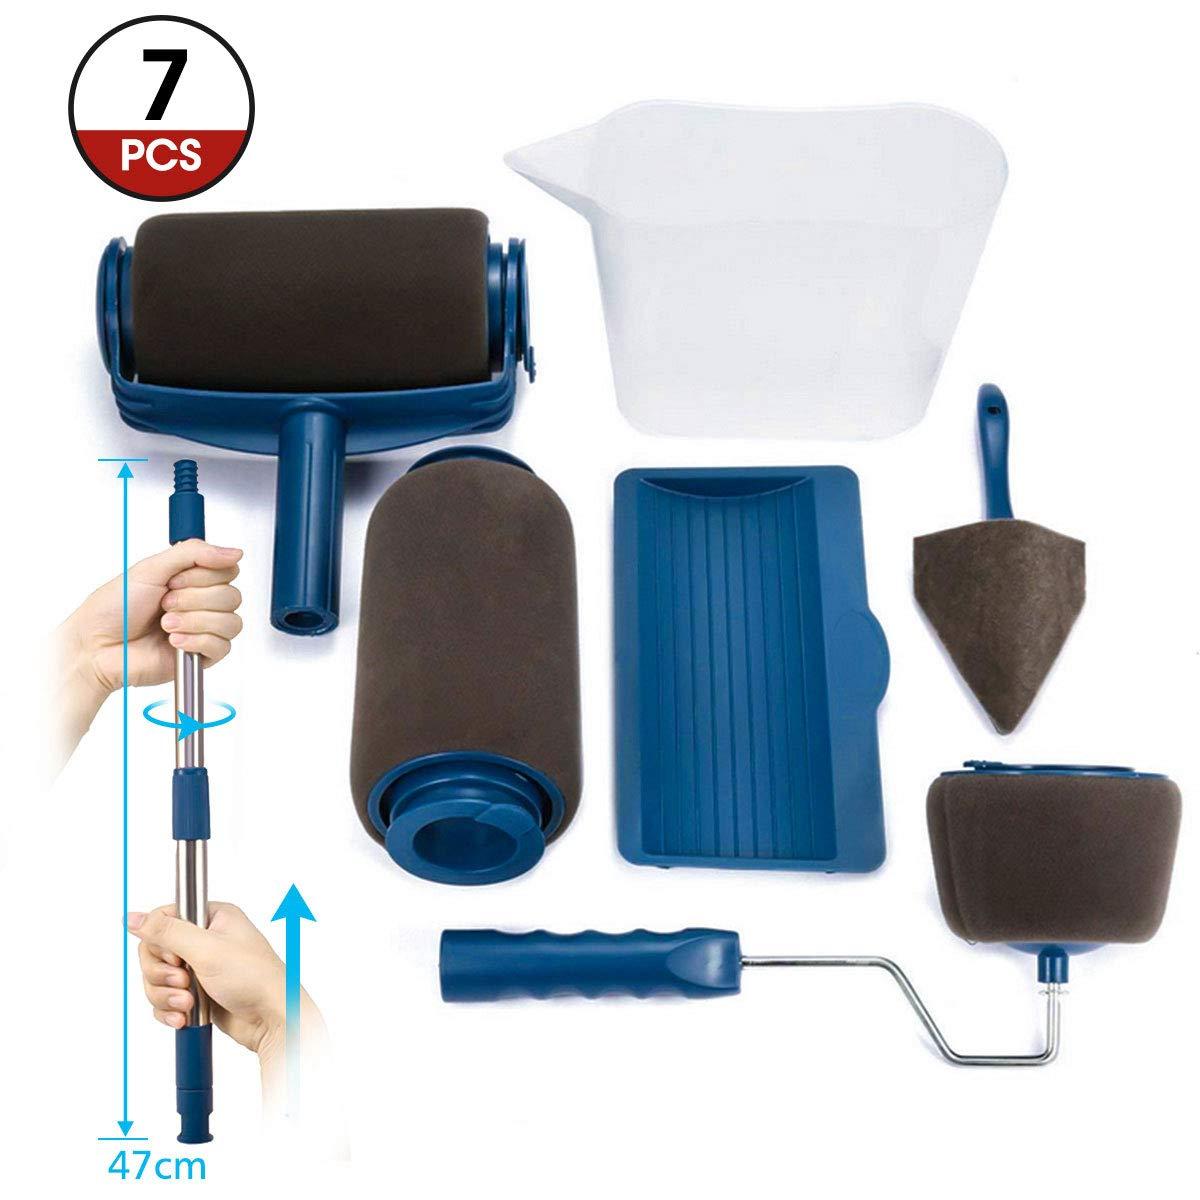 Paint Roller Brush Kit ARTISTORE Paint Runner Pro Brush with 2 Paint Runner Pro(1 Replacement), Telescopic Poles, Handle Flocked Edger Room Wall Printing for Home Office(7 Pcs) …